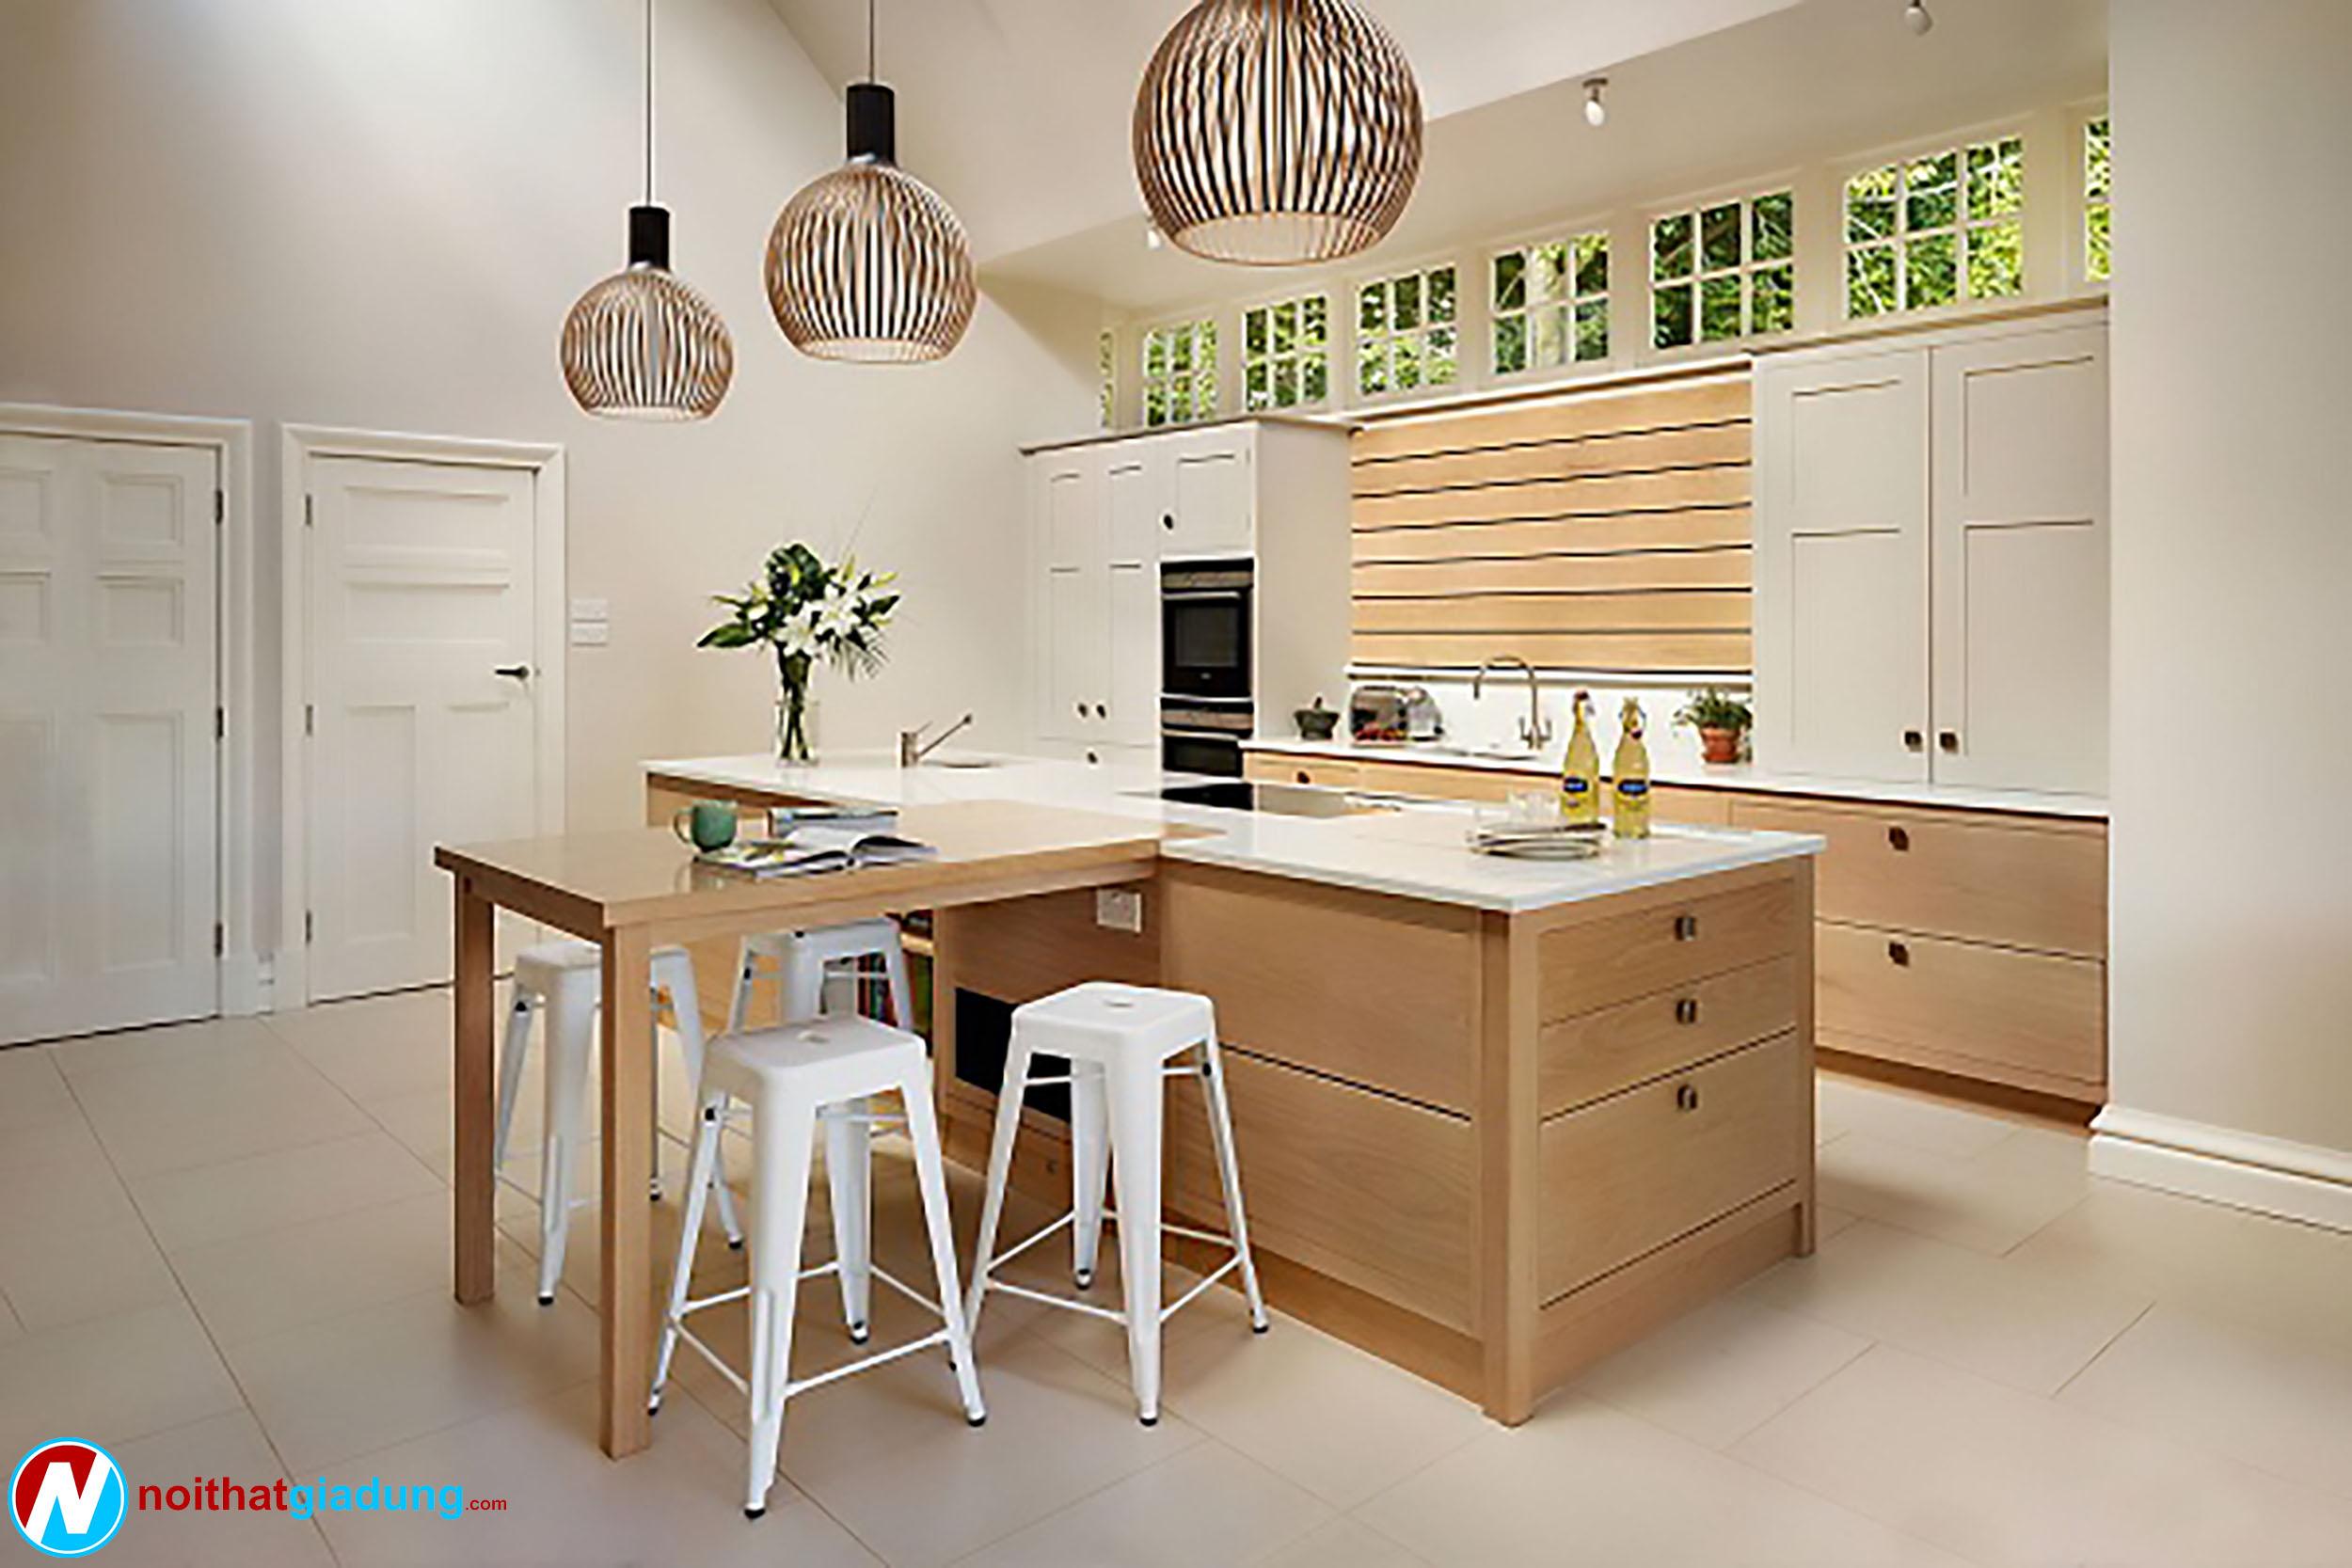 mẫu đảo bếp chất liệu bằng gỗ